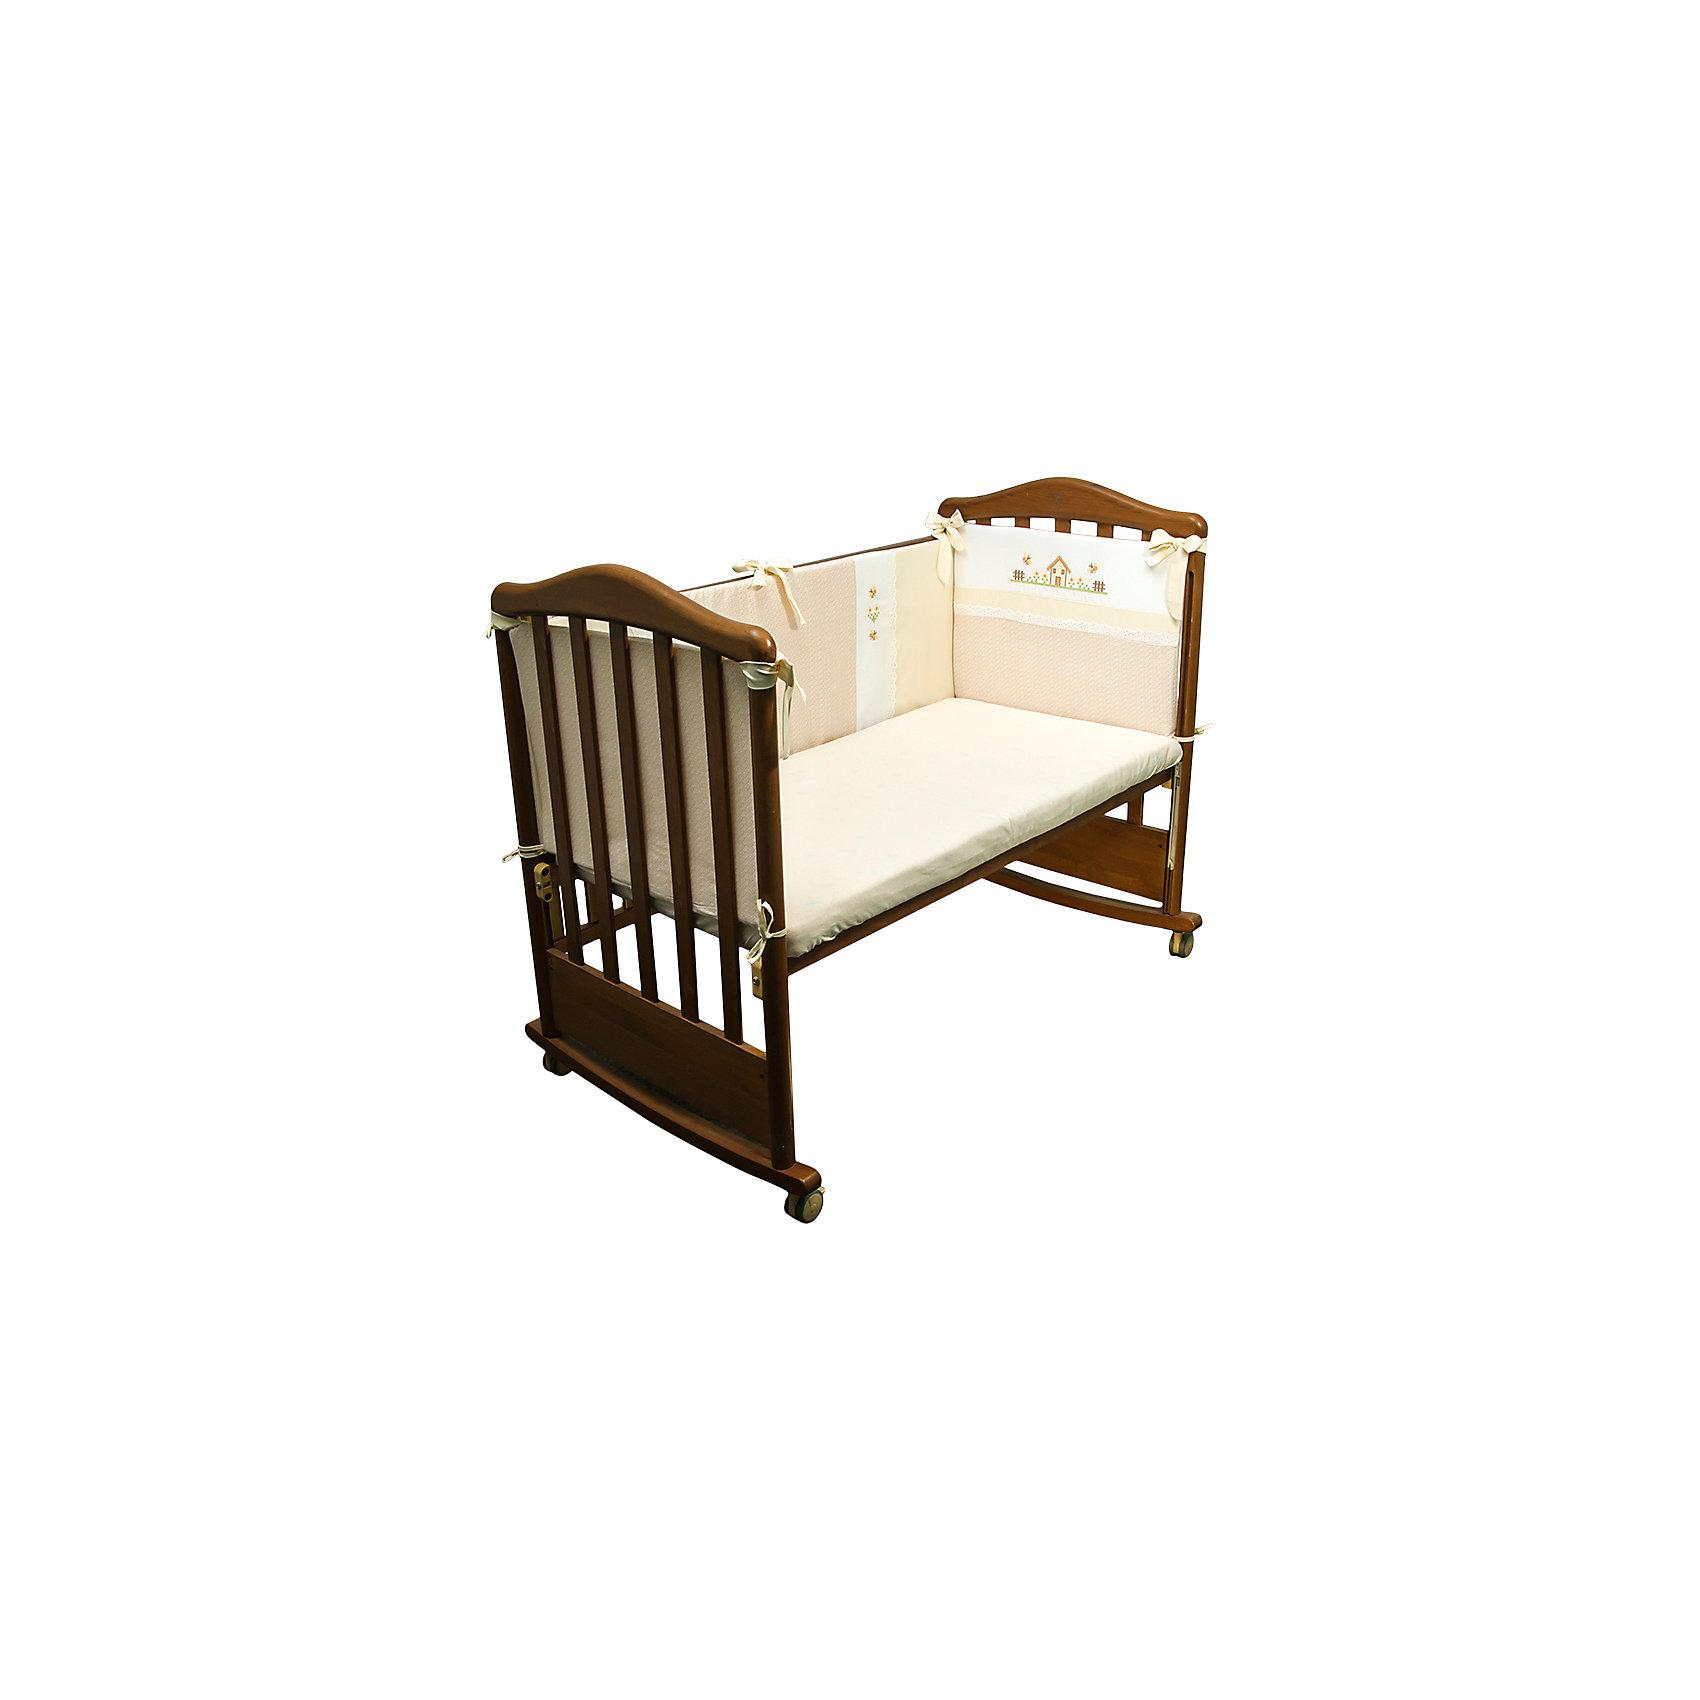 Борт в кроватку Кантри, Сонный гномик, бежевыйПостельное бельё<br>Бортик в кроватку Кантри, Сонный гномик, бежевый предназначен для обеспечения безопасности пребывания ребенка в кроватке во время сна или бодрствования. Защищает ребенка от ударов и сквозняков. Бортик для кроватки Кантри состоит из четырех частей для всех сторон кроватки размером 120*60 см. Каждый элемент крепится за счет завязок. Изделие выполнено из высококачественного сатина, в качестве наполнителя использован холлофайбер, который обладает высокой воздухопроницаемостью, водоотталкивающими и гипоаллергенными свойствами. Изделие долгое время сохраняет форму, достаточно легкое в уходе. Изделие выполнено в нежном бежевом цвете, украшено стилизованным под вышивку крестиком принтом селького домика.   <br>Борт в кроватку Кантри, Сонный гномик, бежевый обеспечит ребенку крепкий, здоровый и безопасный сон. <br><br>Дополнительная информация:<br><br>- Предназначение: для детской кроватки<br>- Материал: сатин<br>- Наполнитель: холлофайбер<br>- Пол: для мальчика/для девочки<br>- Цвет: бежевый, белый<br>- Размеры упаковки (Д*Ш*В): 65*15*40 см<br>- Вес: 1 кг 10 г<br>- Особенности ухода: разрешается стирка при температуре не более 40 градусов<br><br>Подробнее:<br><br>• Для детей в возрасте от 0 месяцев и до 4 лет<br>• Страна производитель: Россия<br>• Торговый бренд: Leader kids<br><br>Борт в кроватку Кантри, Сонный гномик, бежевый можно купить в нашем интернет-магазине.<br><br>Ширина мм: 650<br>Глубина мм: 150<br>Высота мм: 400<br>Вес г: 1010<br>Возраст от месяцев: 0<br>Возраст до месяцев: 48<br>Пол: Унисекс<br>Возраст: Детский<br>SKU: 4922727